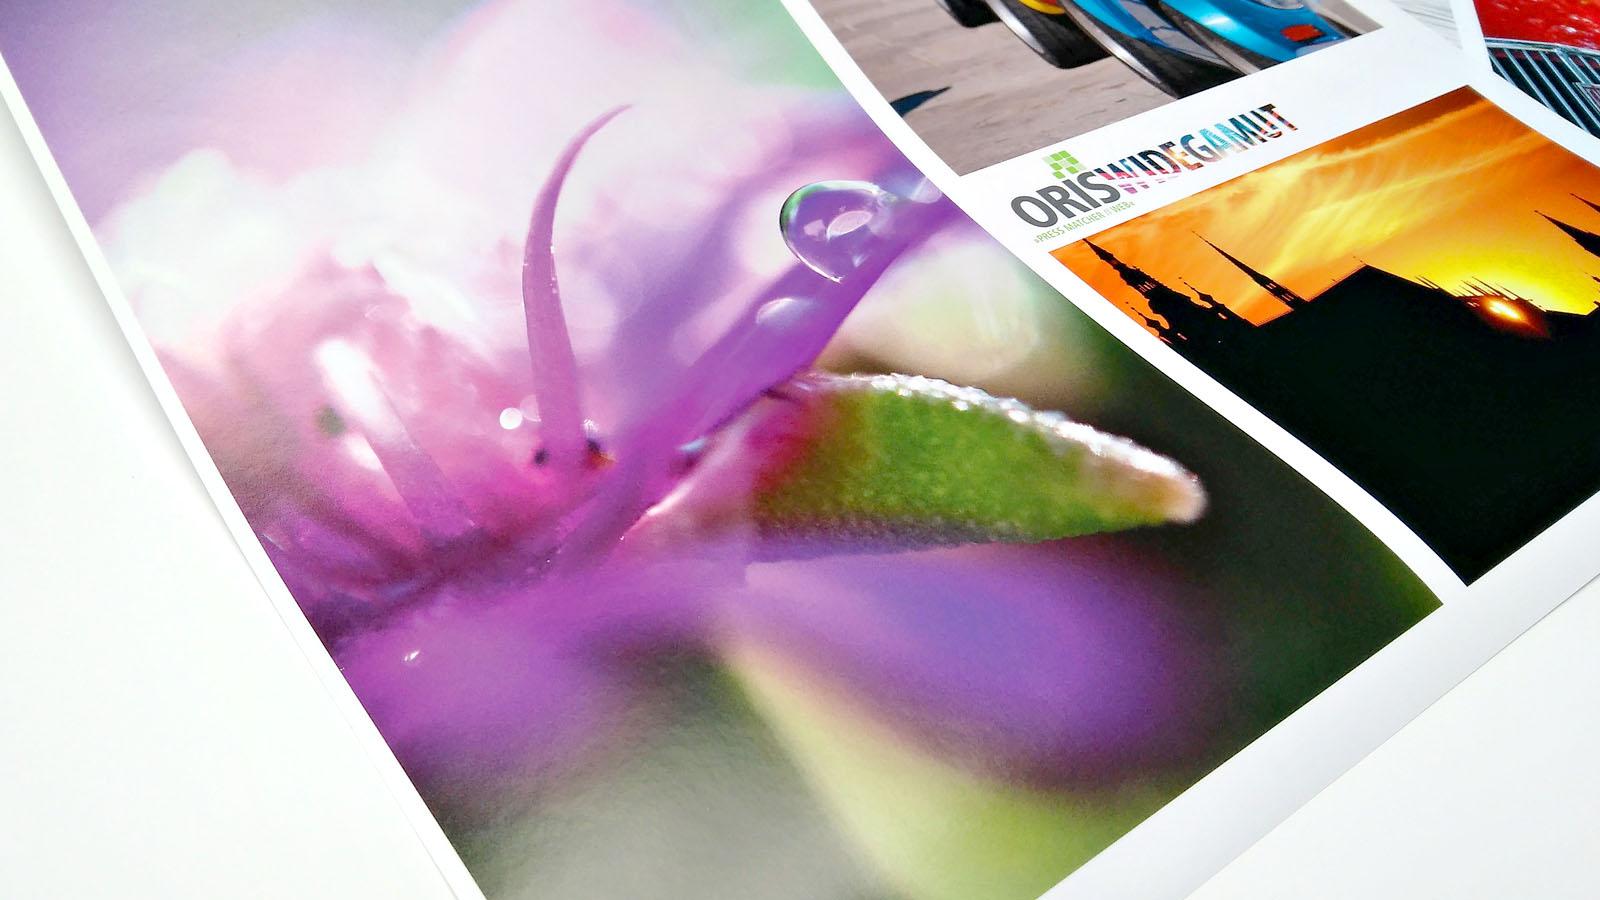 Widegamut permette di stampare le immagini RGB e CMYK sfruttando il gamut aumentato delle stampanti